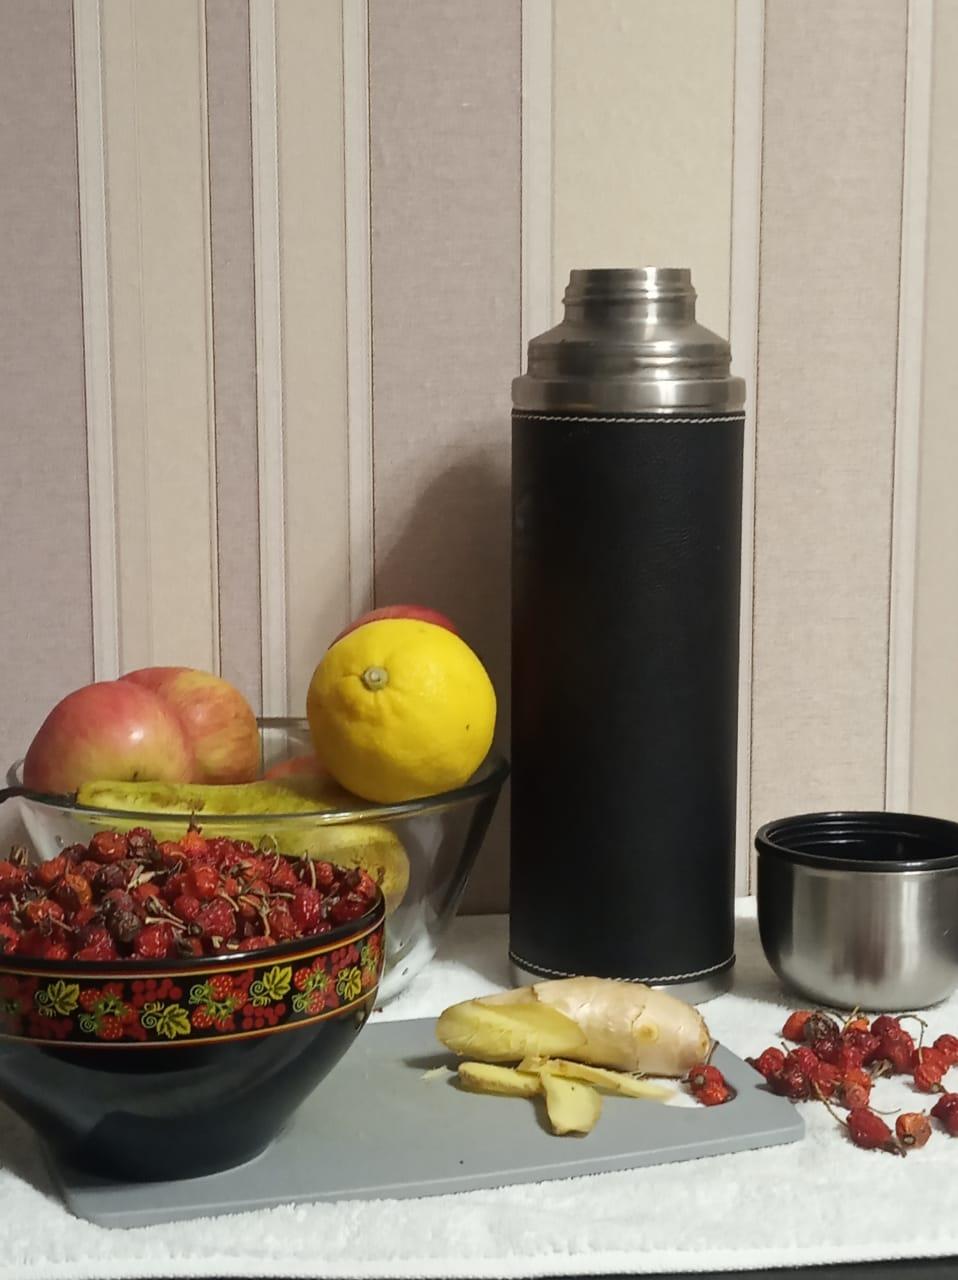 Принимайте больше витаминов в период вспышек вирусных заболеваний